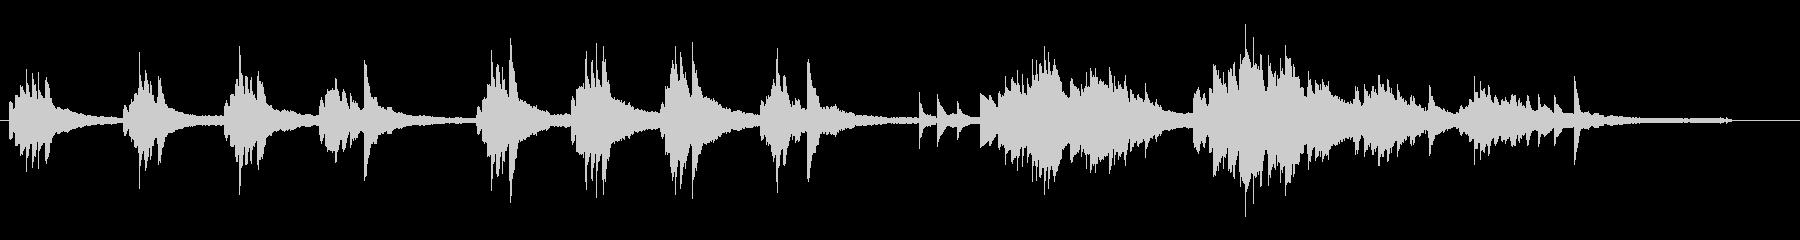 【ピアノ】静かで切ない、物悲しいピアノ曲の未再生の波形